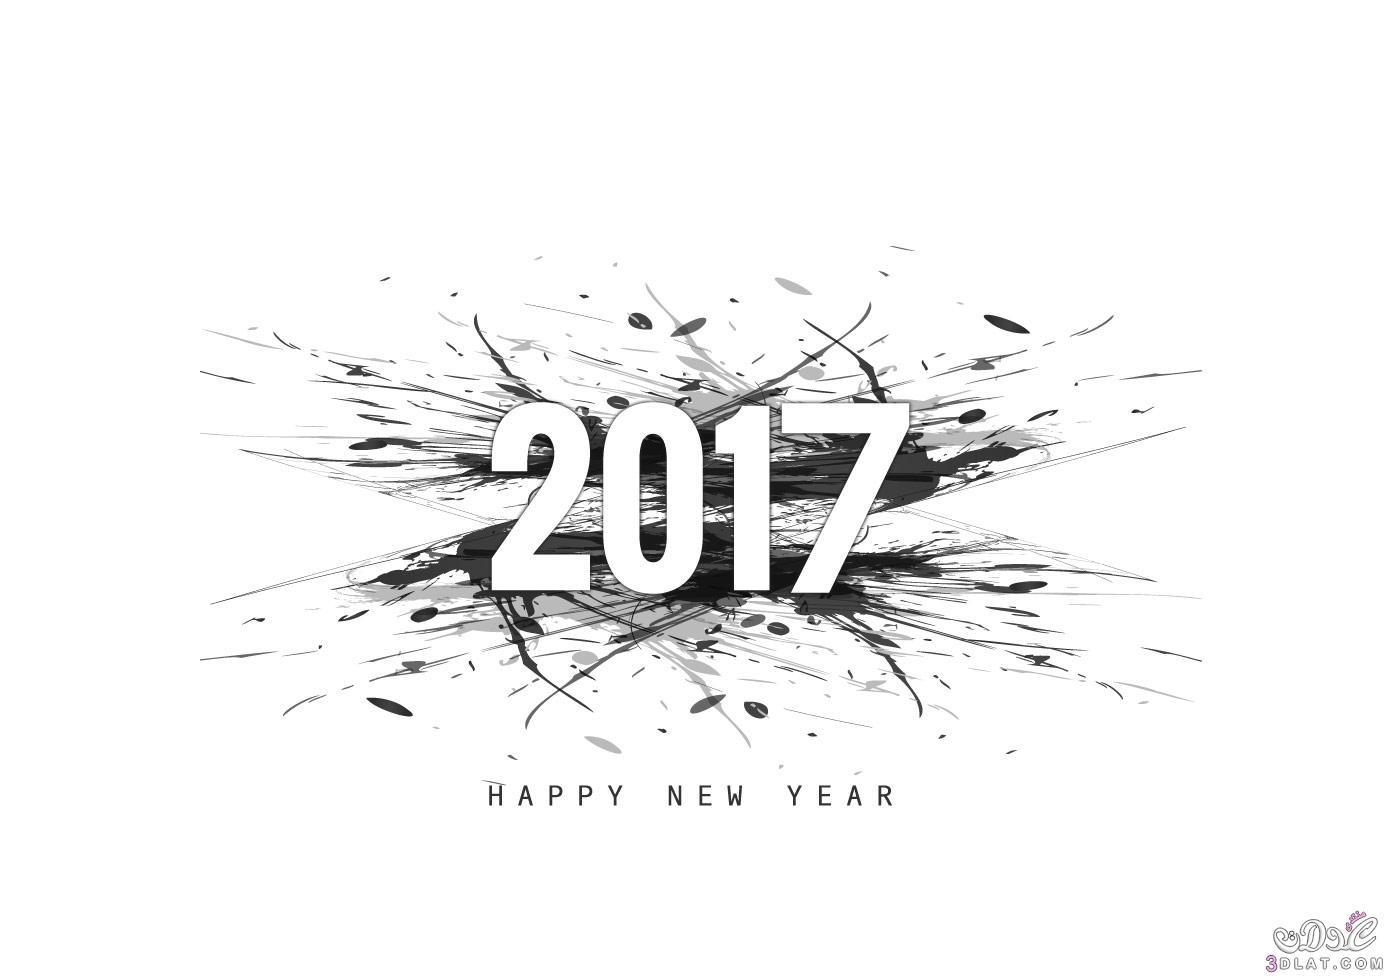 خلفيات جديدة لراس السنة الميلادية 2017 , اروع الخلفيات للعام الجديد , احدث الرمزيات للعام 2017 new_1479739244_404.j